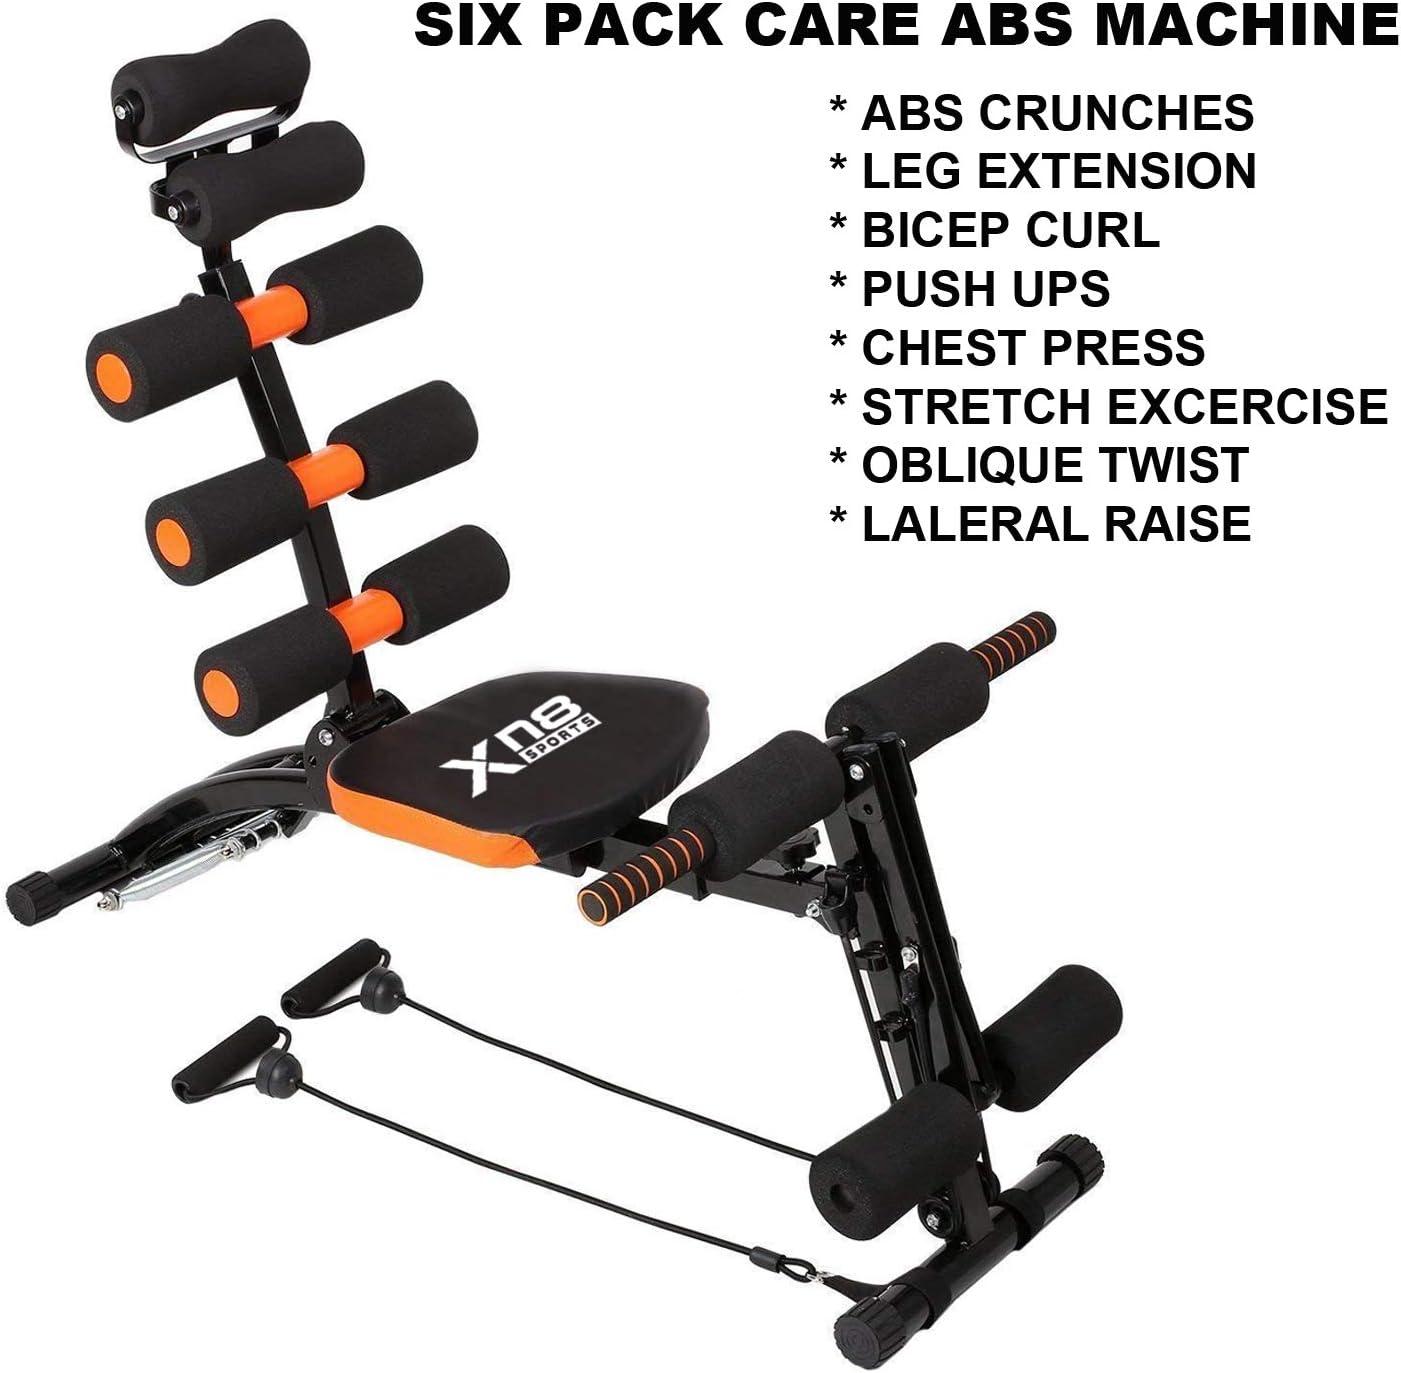 Xn8 Sports Abs Rocket Silla Multi 6 Gimnasio Entrenador ejercitador Abdominal Fitness Crunches m/áquina Entrenamiento Banco hogar Gimnasio Ejercicio